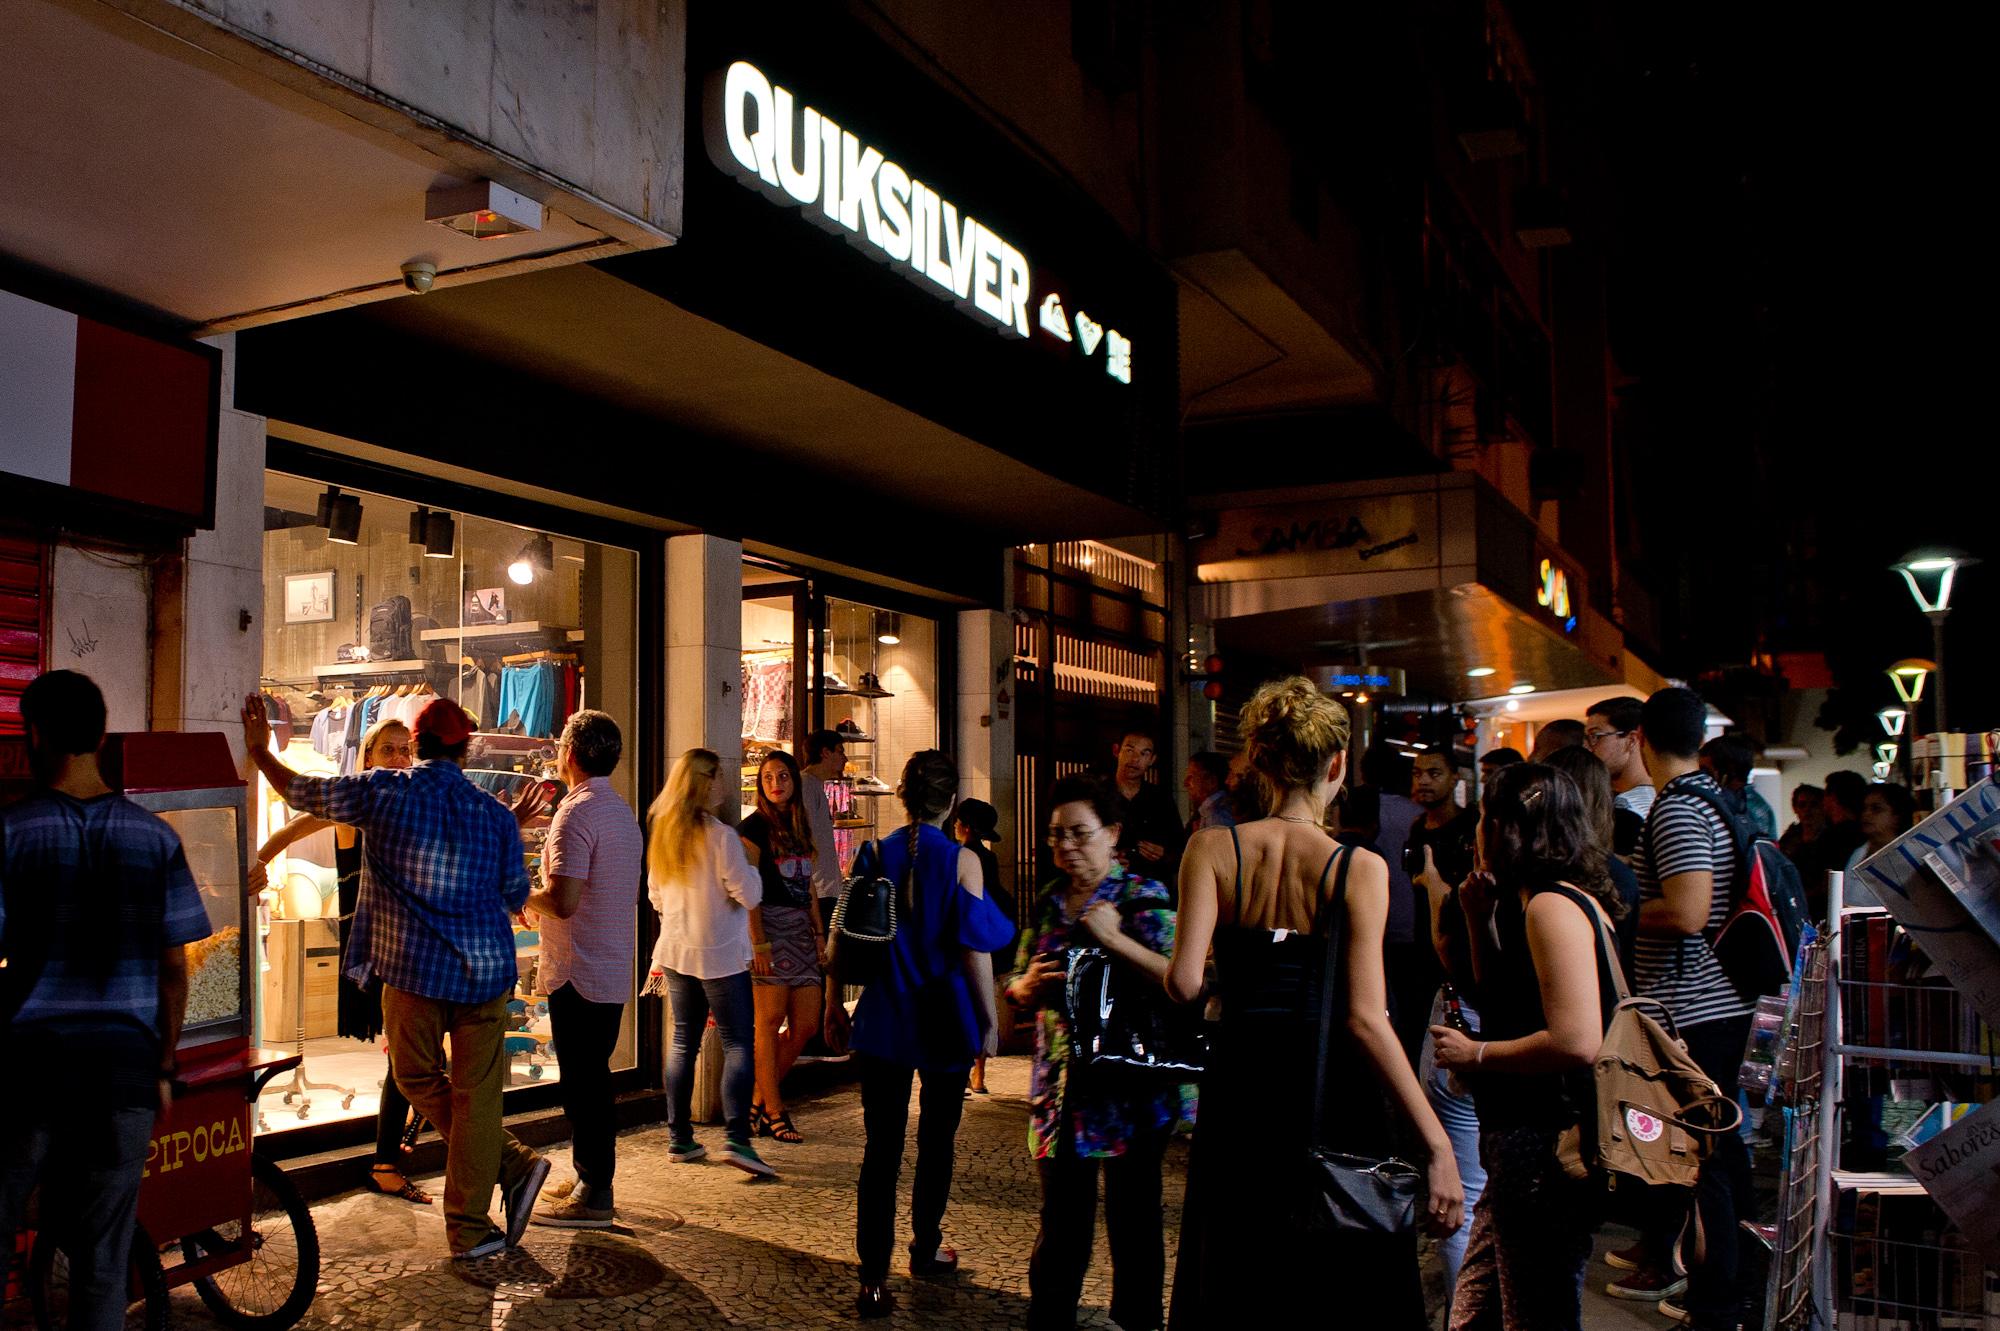 Quiksilver inaugura loja no Rio de Janeiro! Foto  Quiksilver   Divulgação b06b6934c96